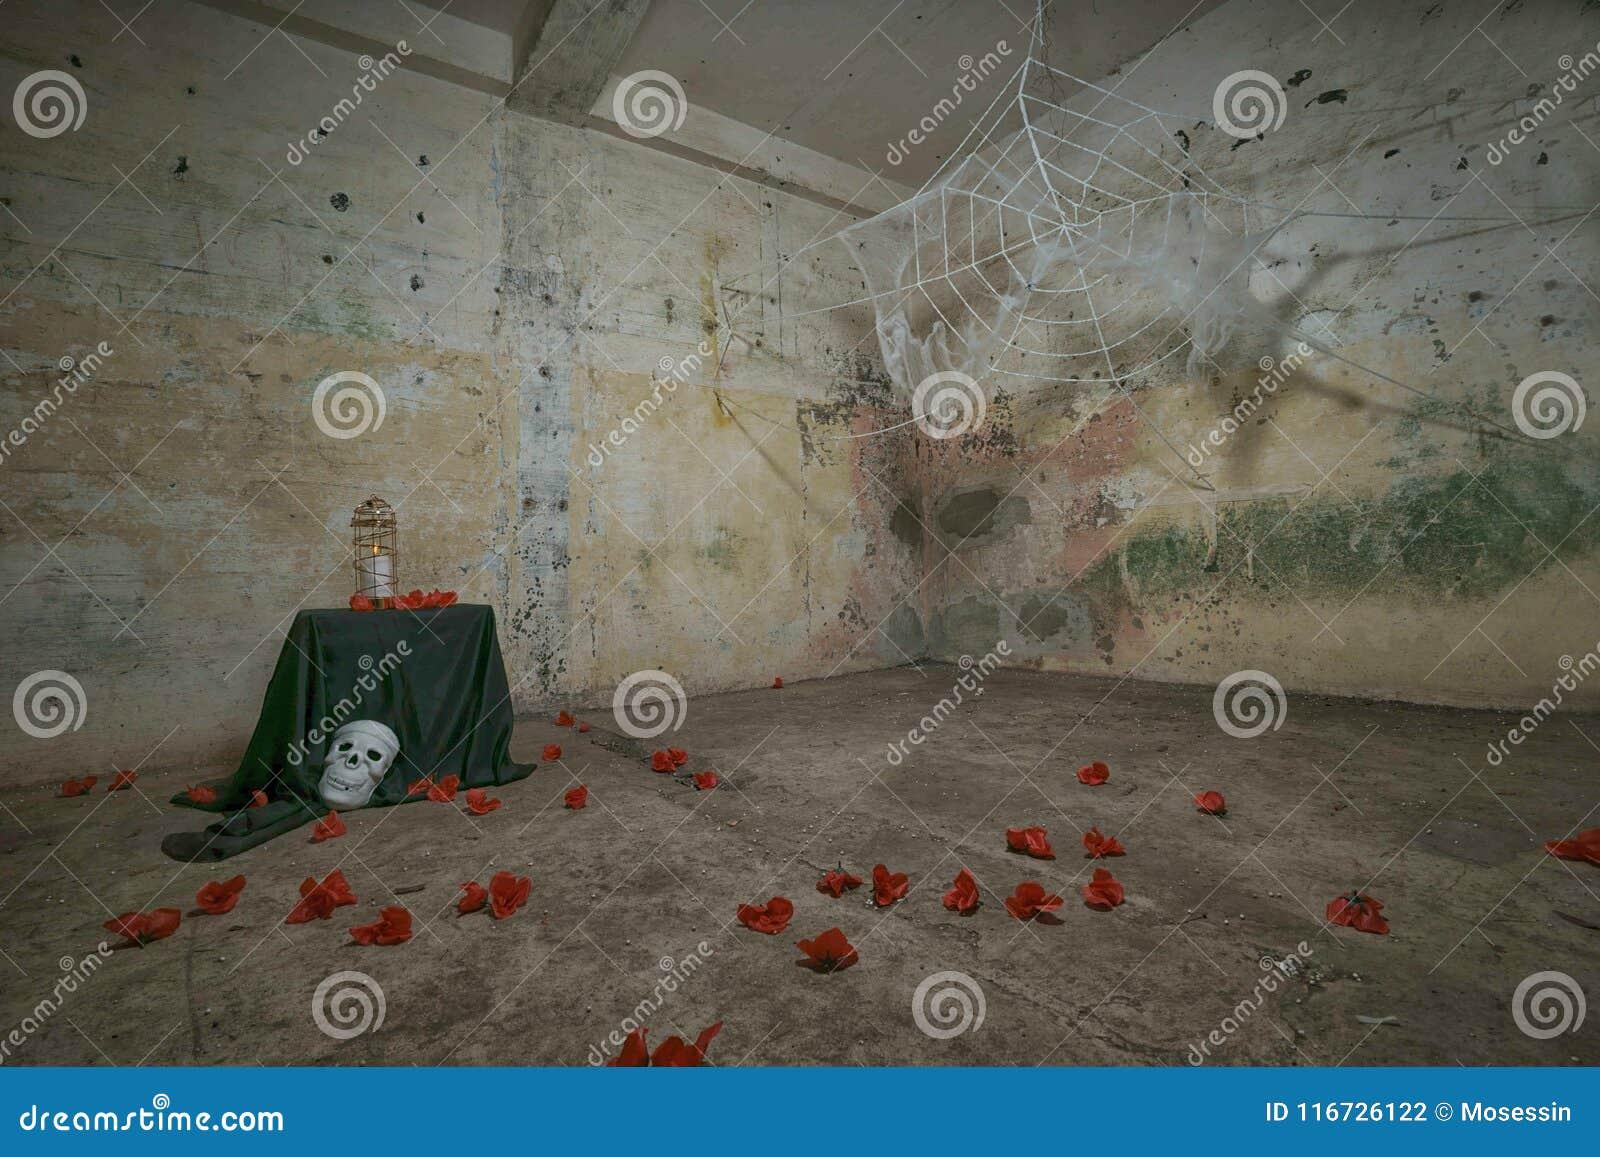 Απόκοσμος ανατριχιαστικός Ιστός Helloween αραχνών